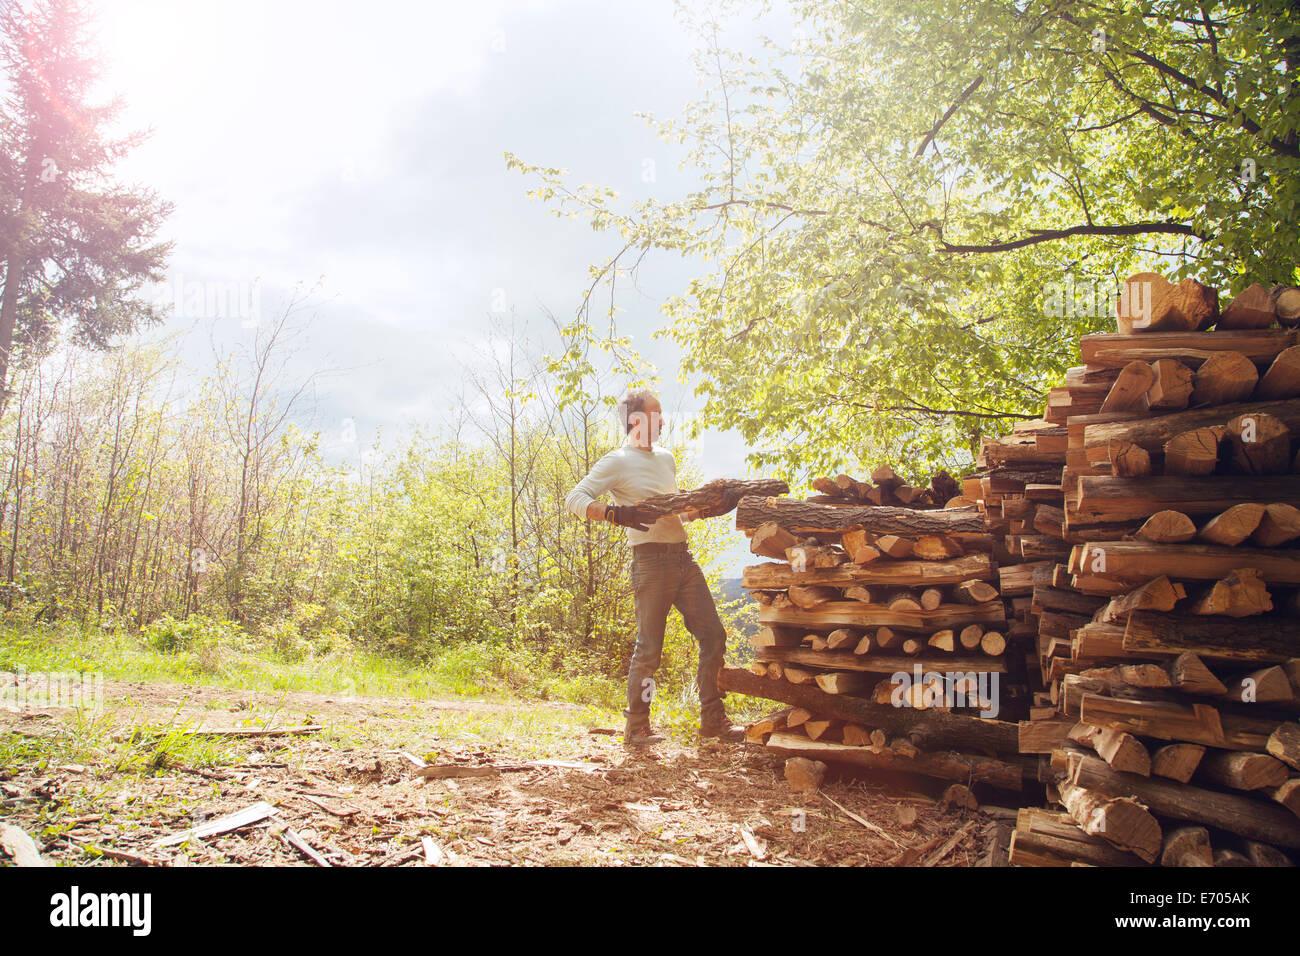 Man stacking cut wood - Stock Image